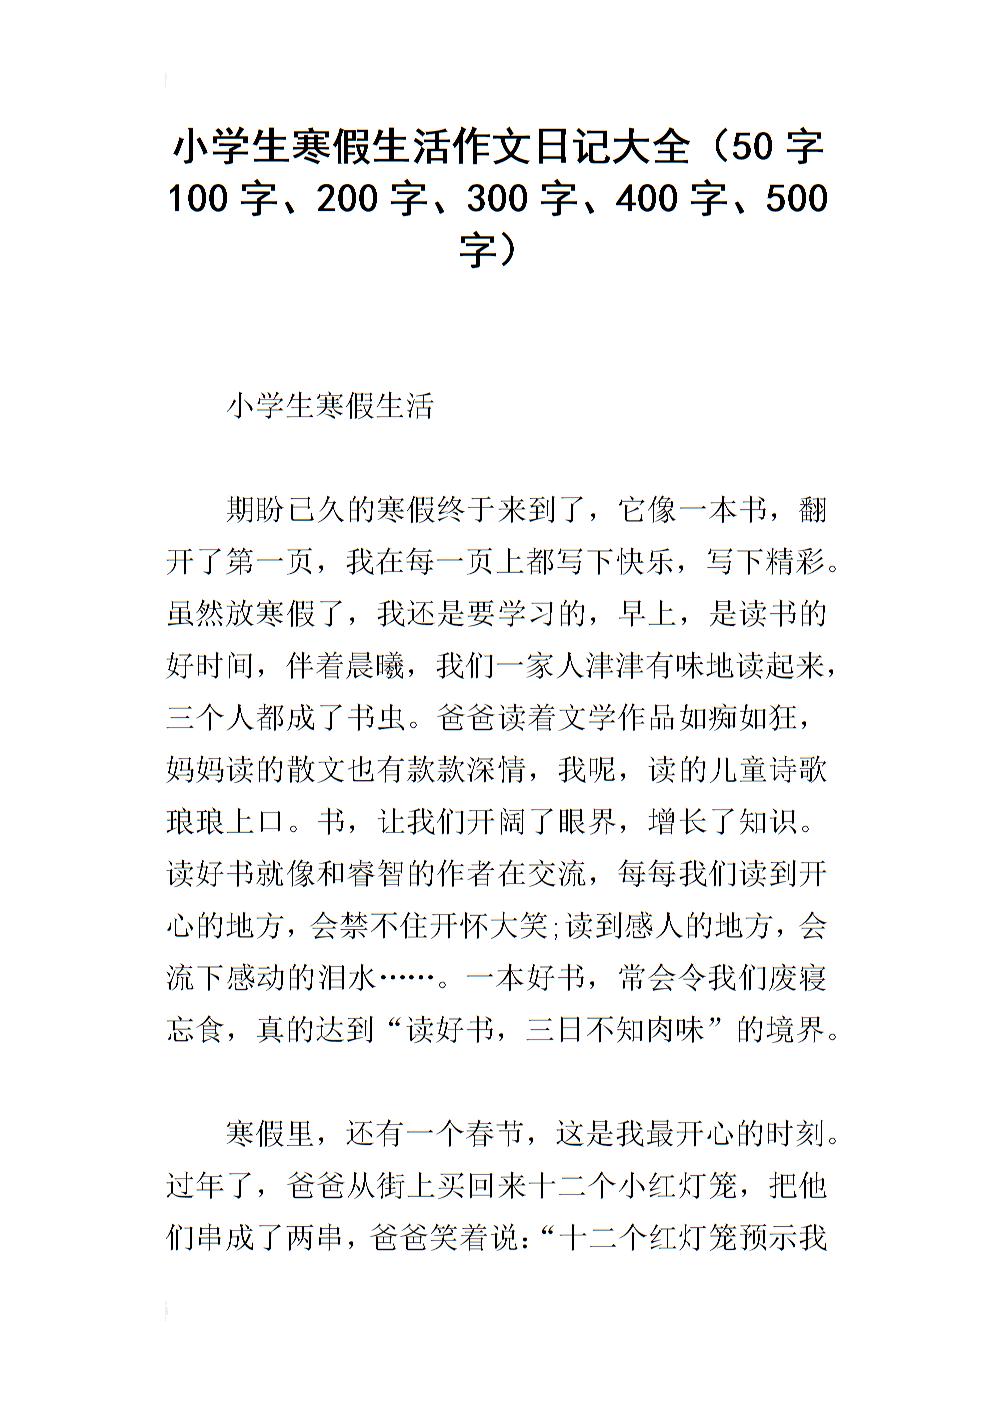 《小学生寒假生活作文日记大全(50字100字,200字,300字,400字,500字).